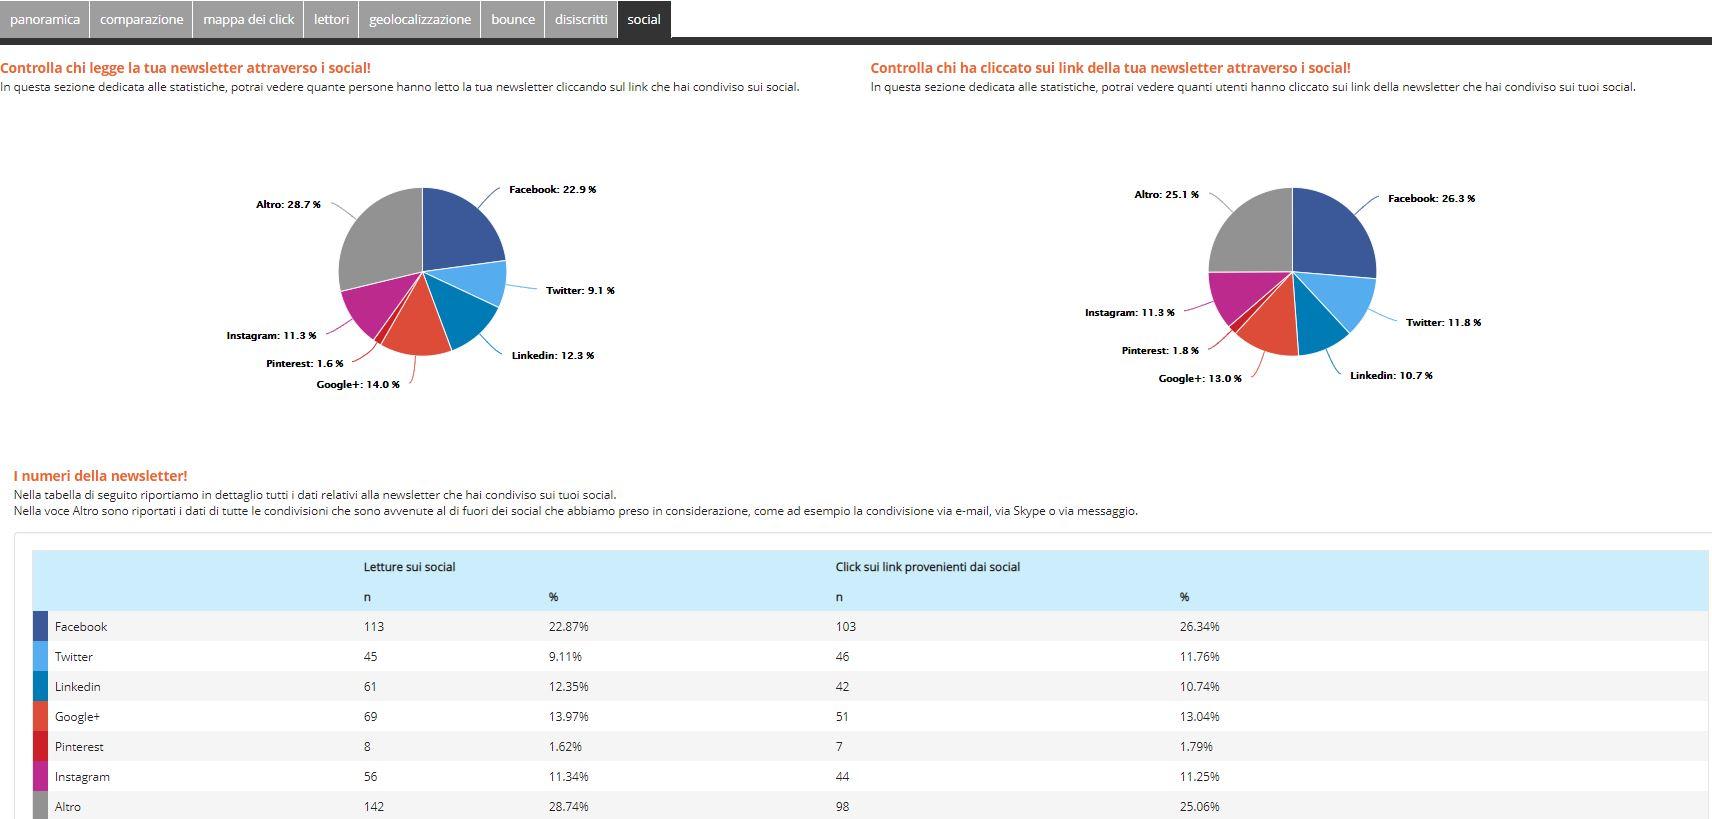 Esempio di statistiche sulla condivisione social di rdcom